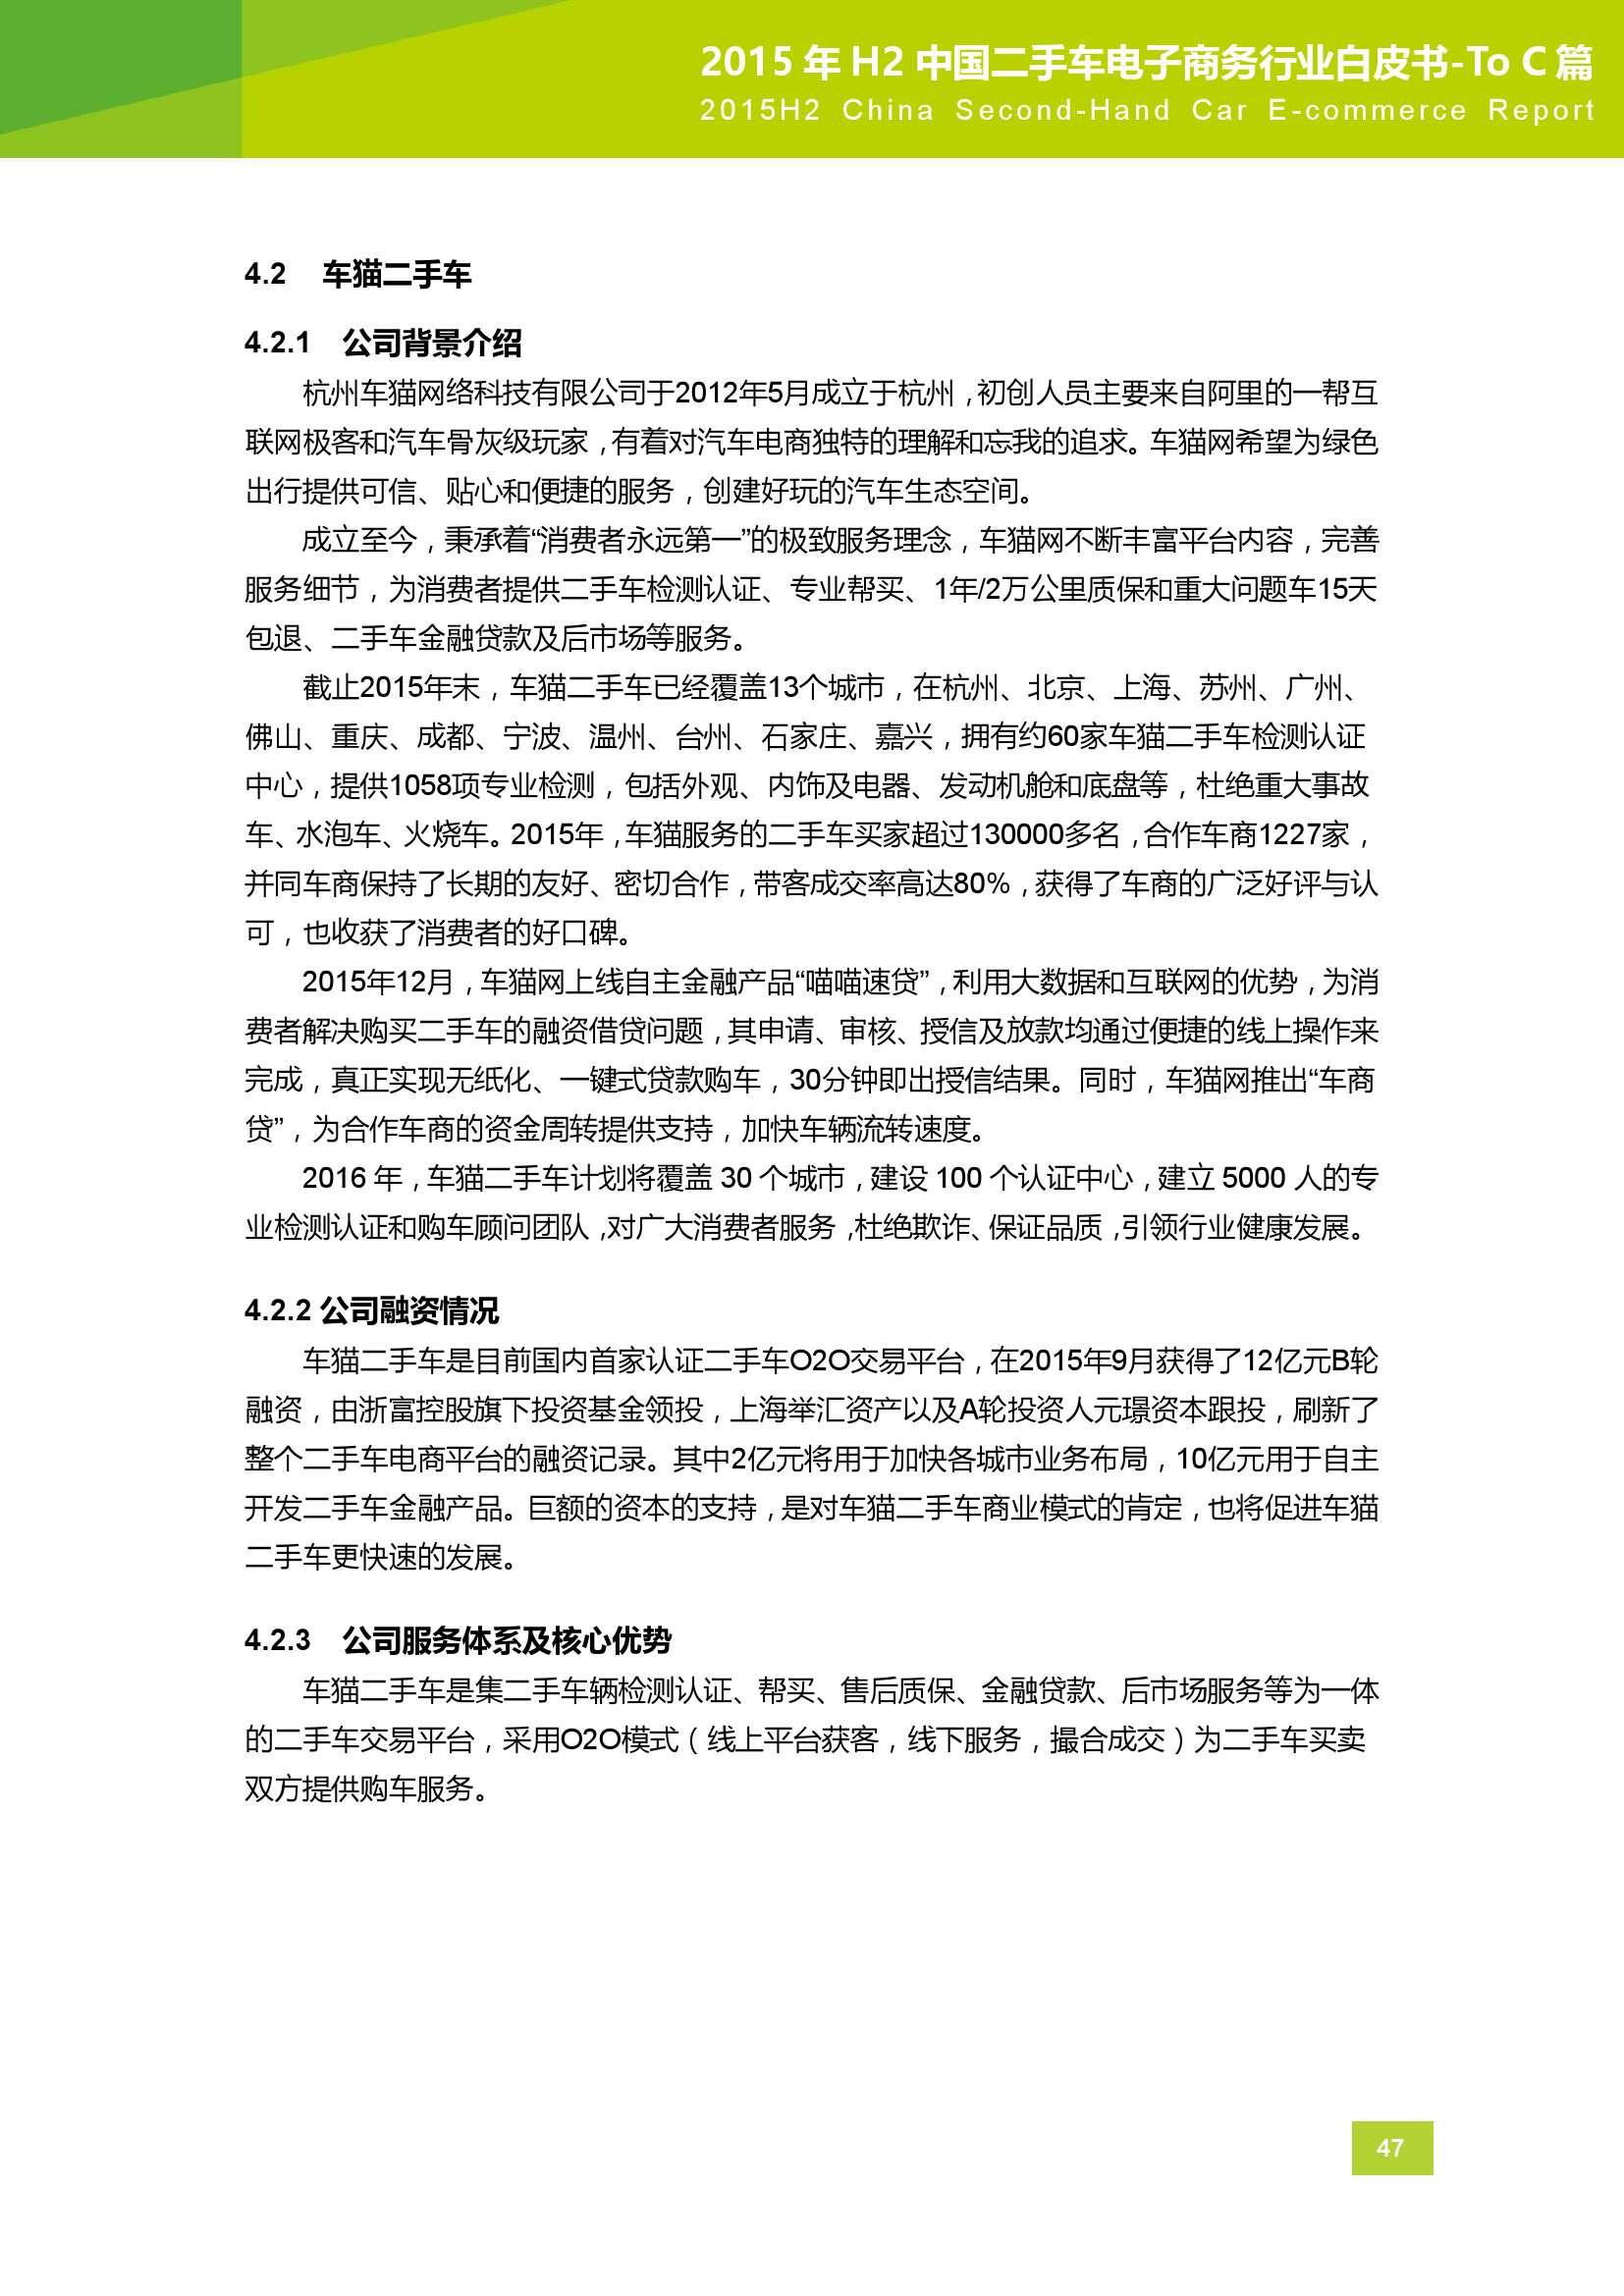 2015年H2中国二手车电子商务行业白皮书_000047